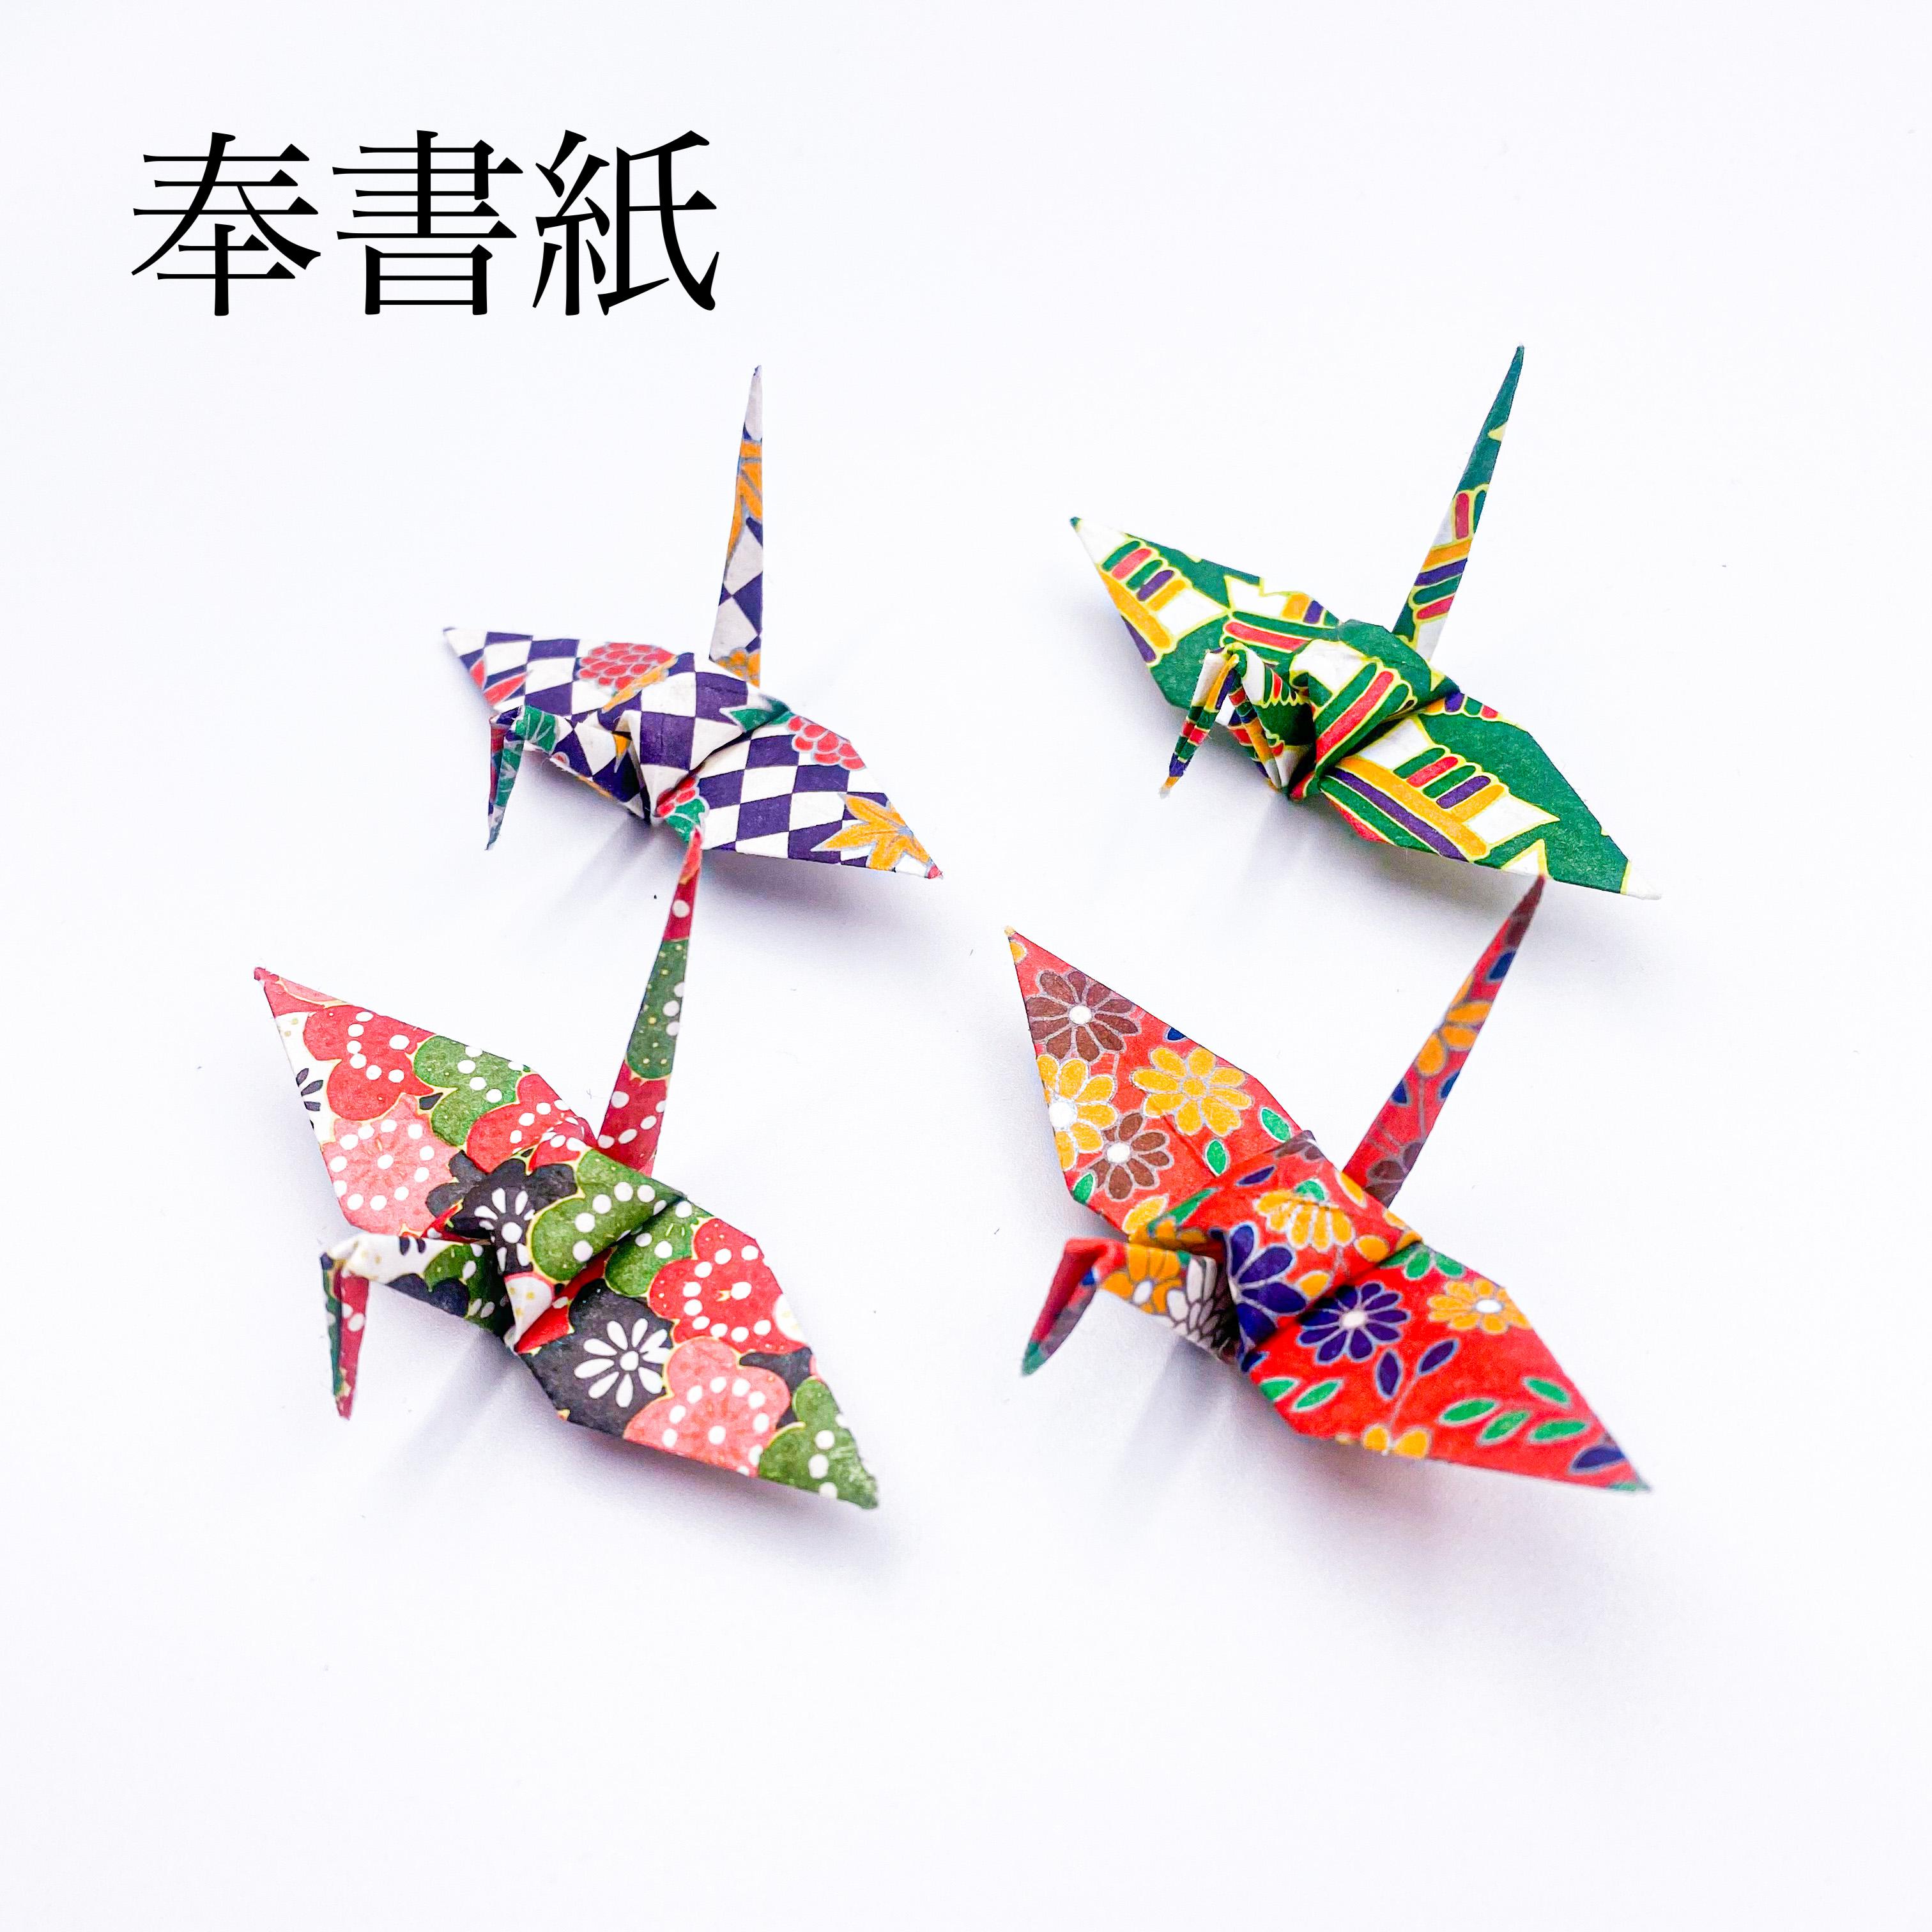 知性あふれる奉書紙の折り鶴(神前式、和装婚折り鶴シャワー演出・和風撮影小物・おもてなし用)100羽